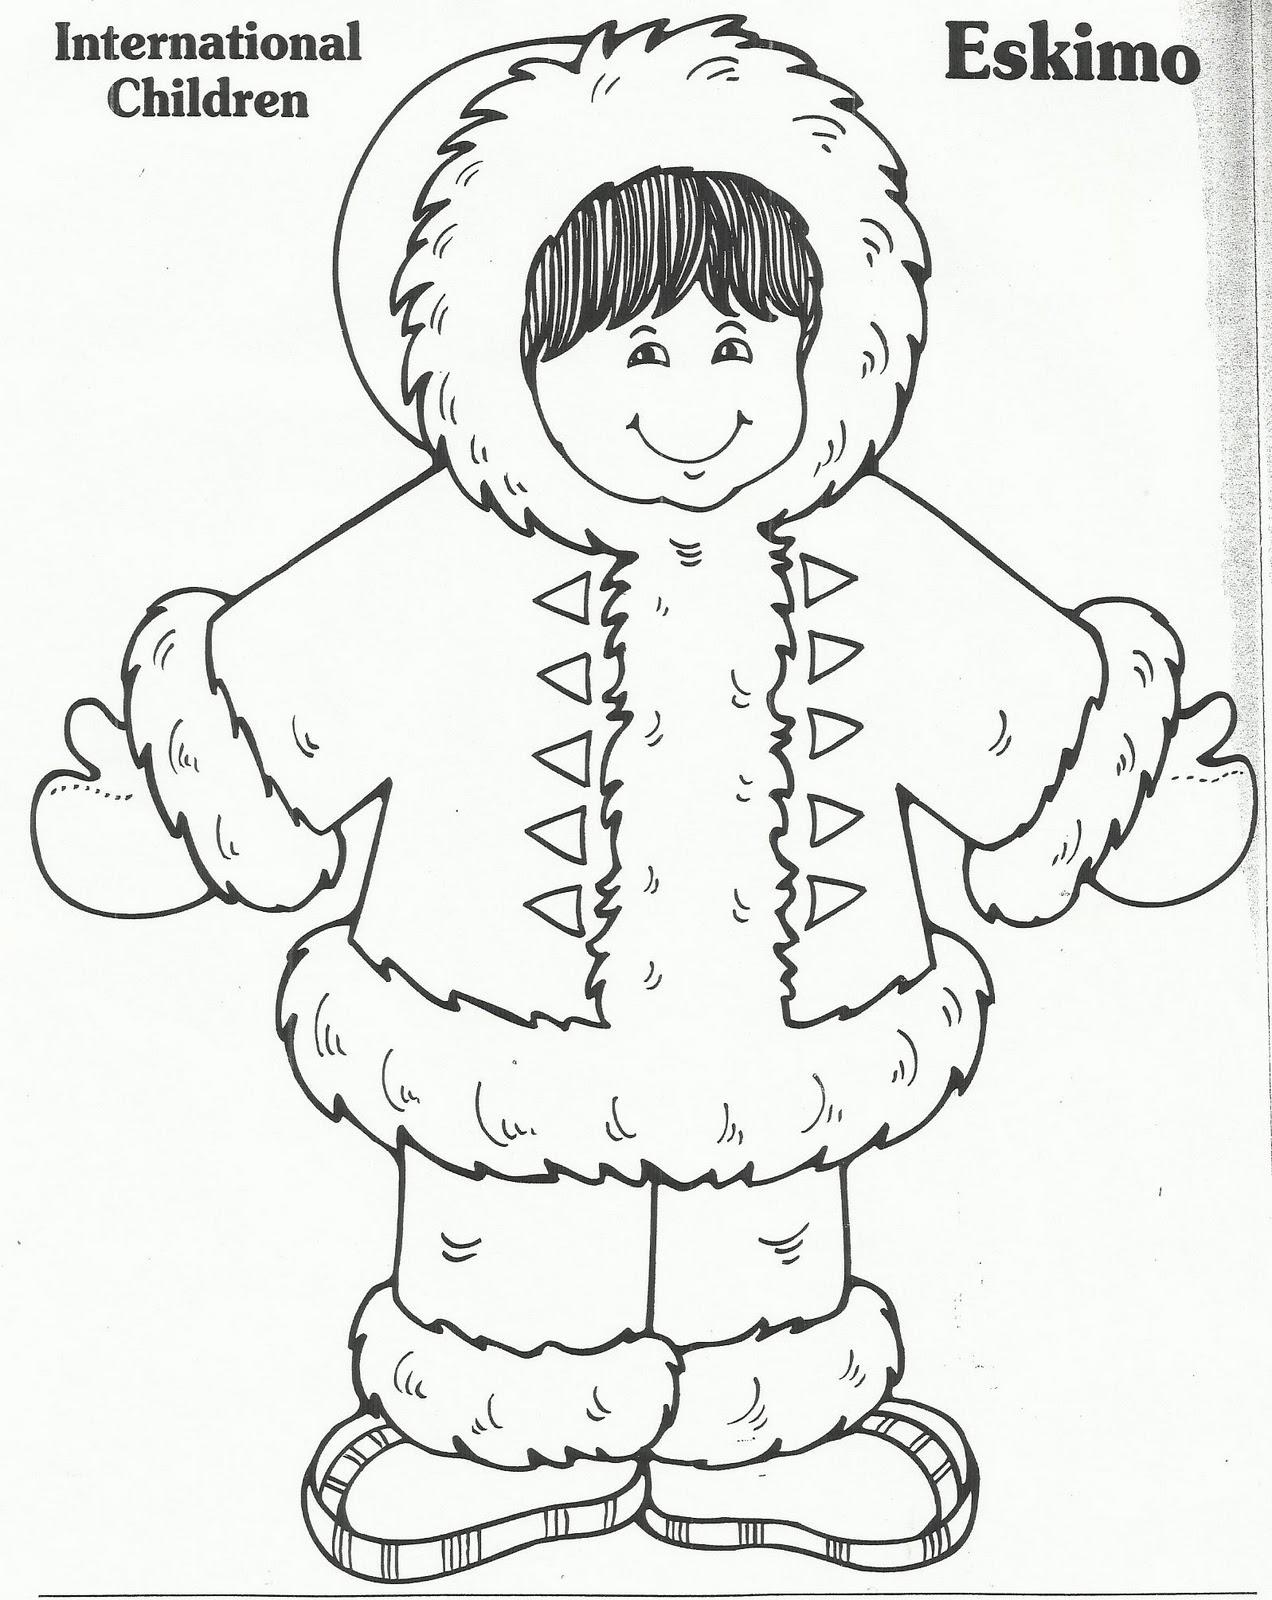 Eskimo Winter Sketch Coloring Page